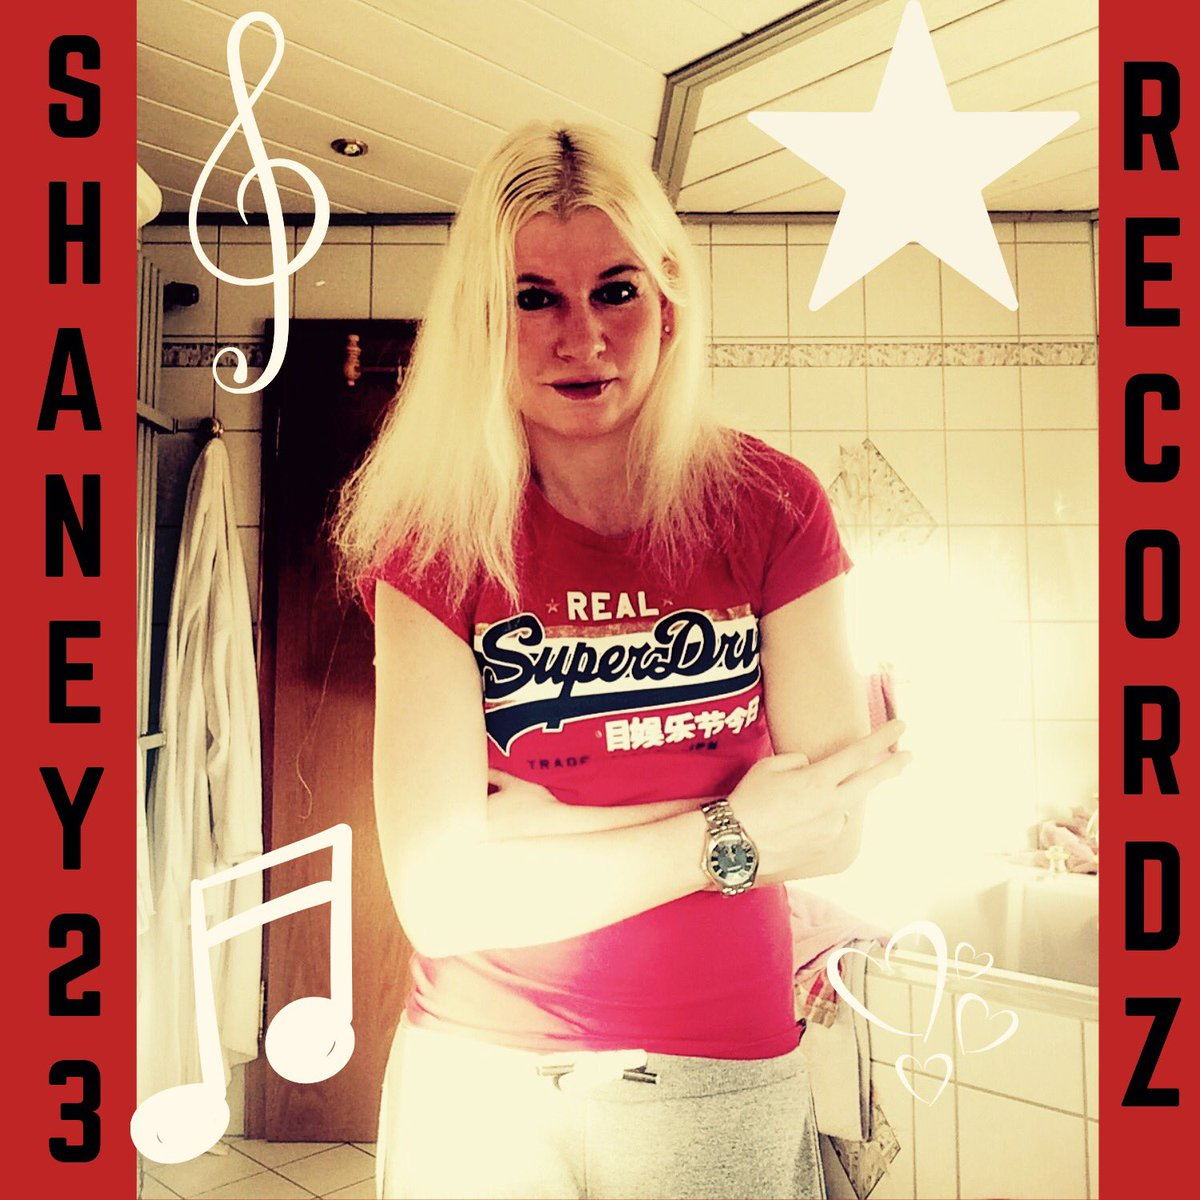 Upcoming: Shaney 23 - VIDEO Premiere Zu: S23 Am 15.11.2019 Auf YouTube